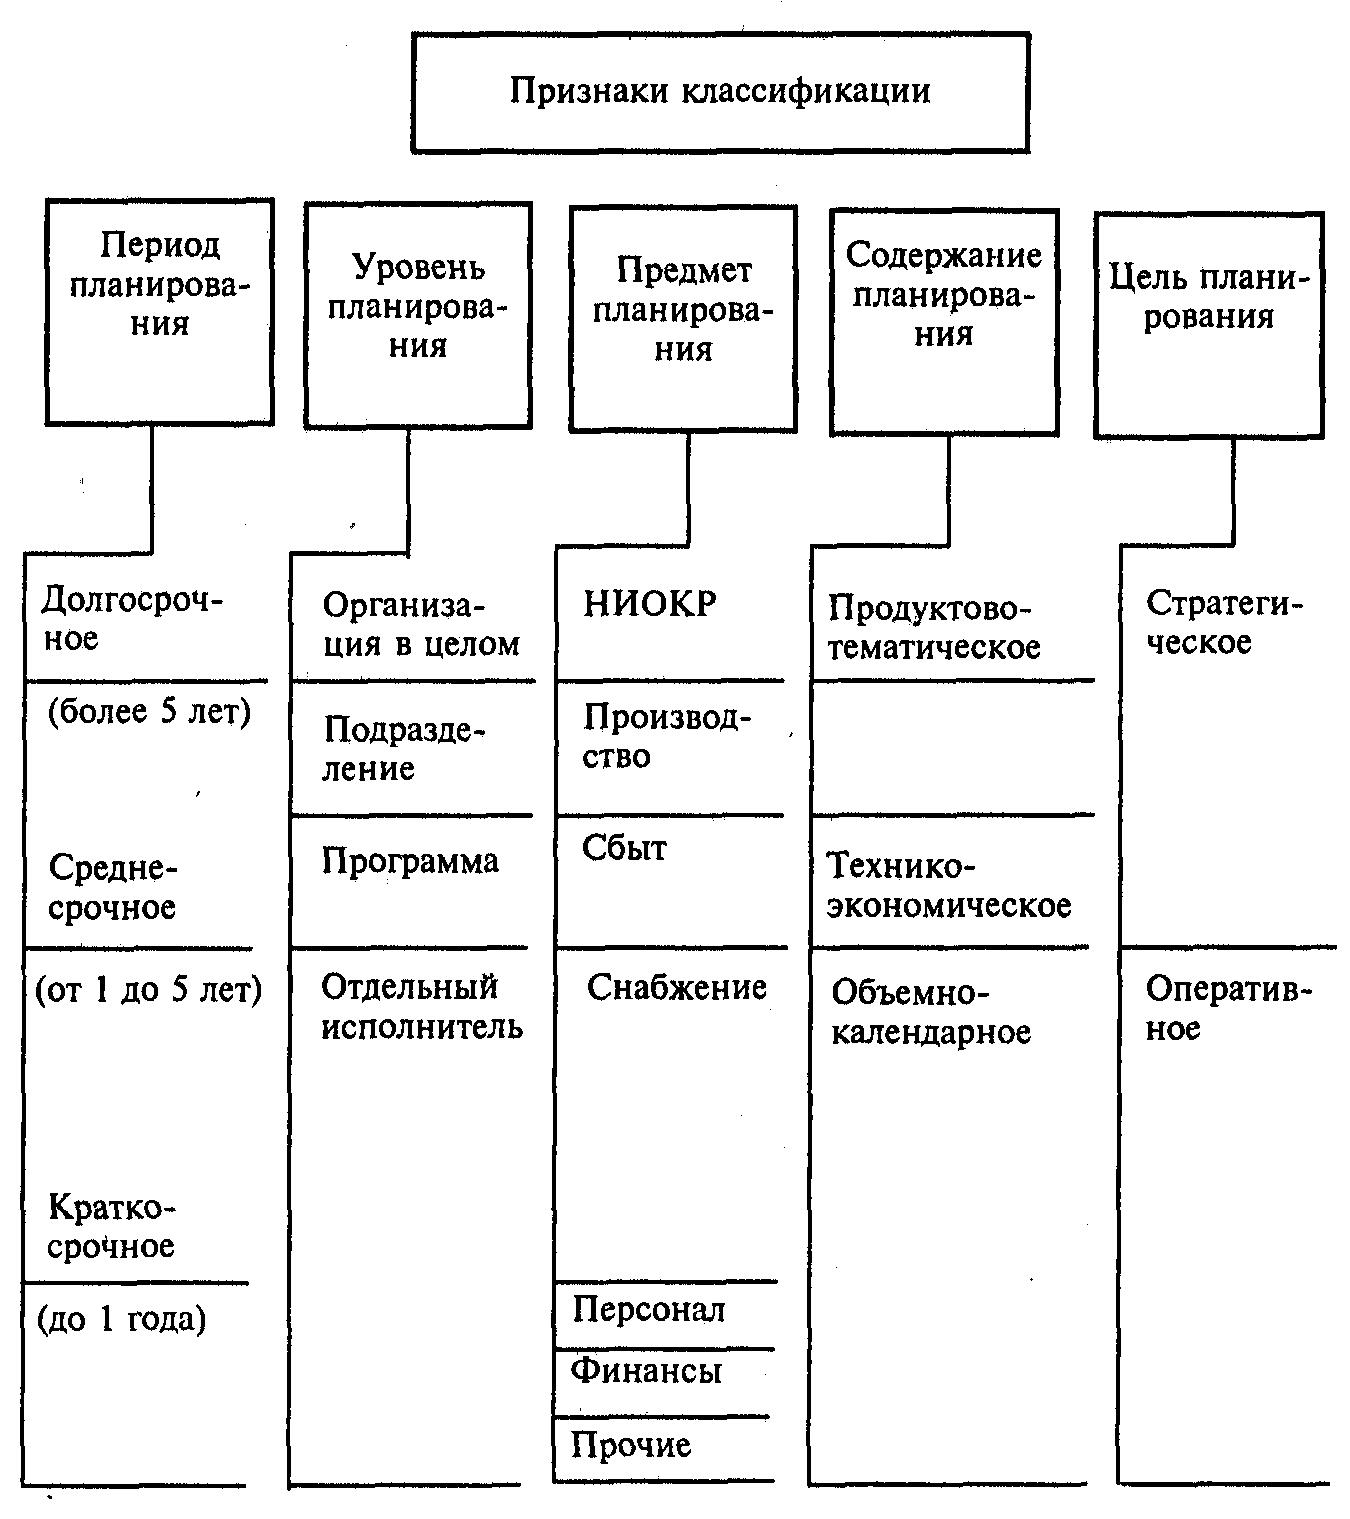 текущее планирование производства